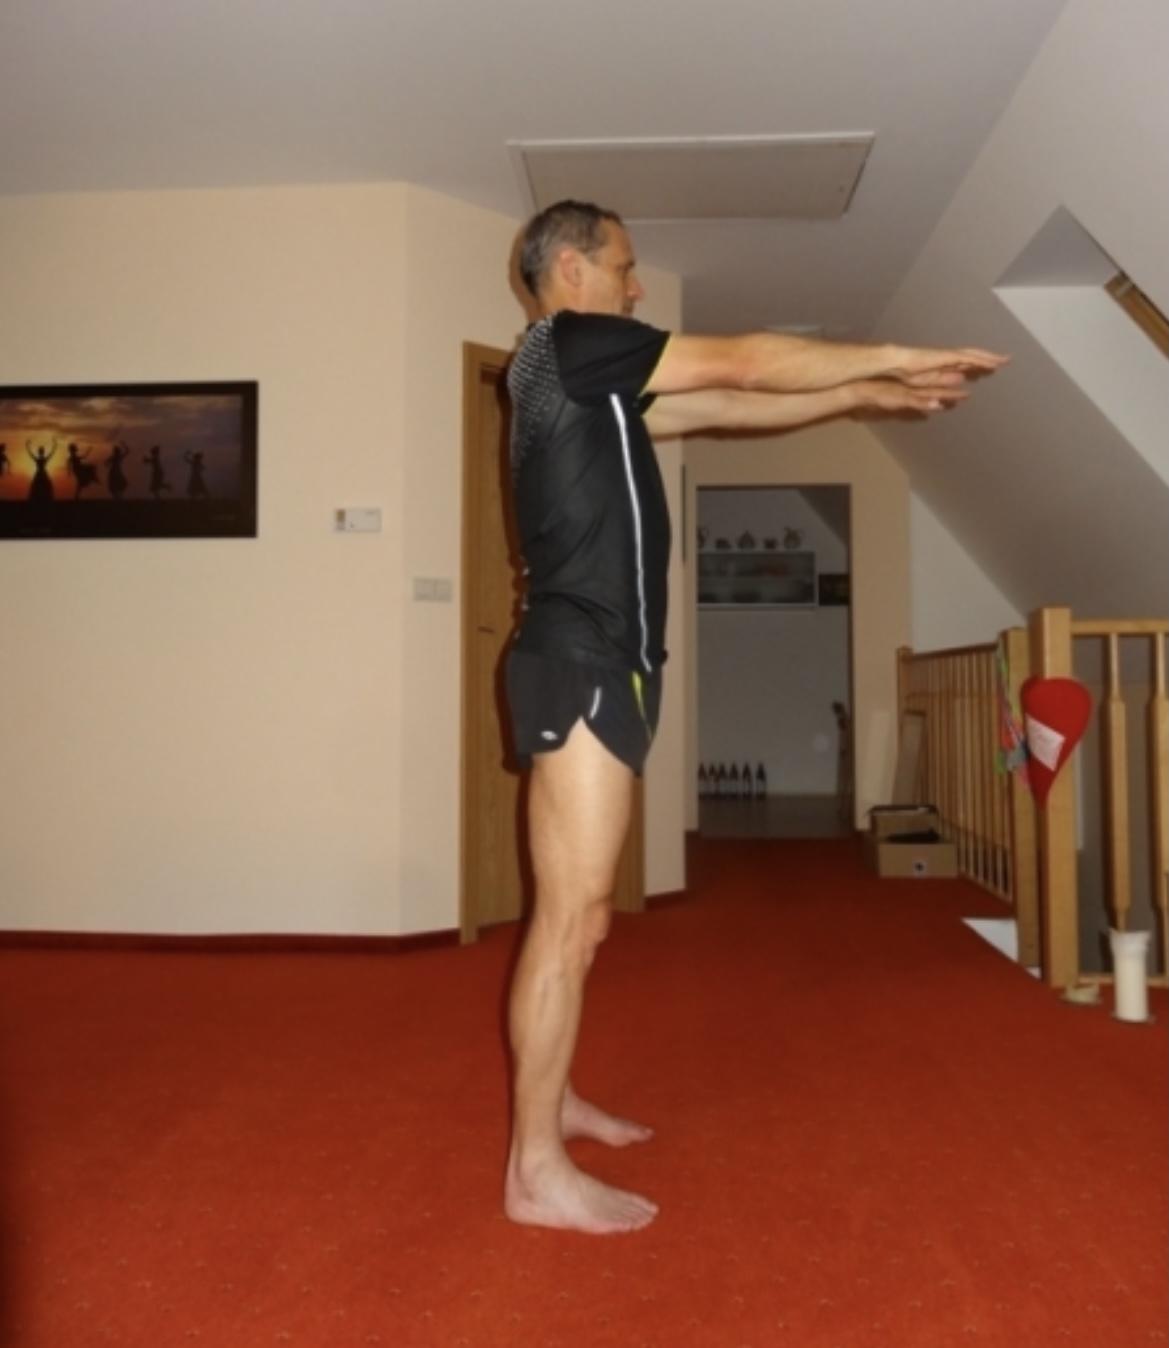 Speciální běžecký trénink, který vám pomůže se zlepšit o mnoho procent a tipy na léto - předpaž